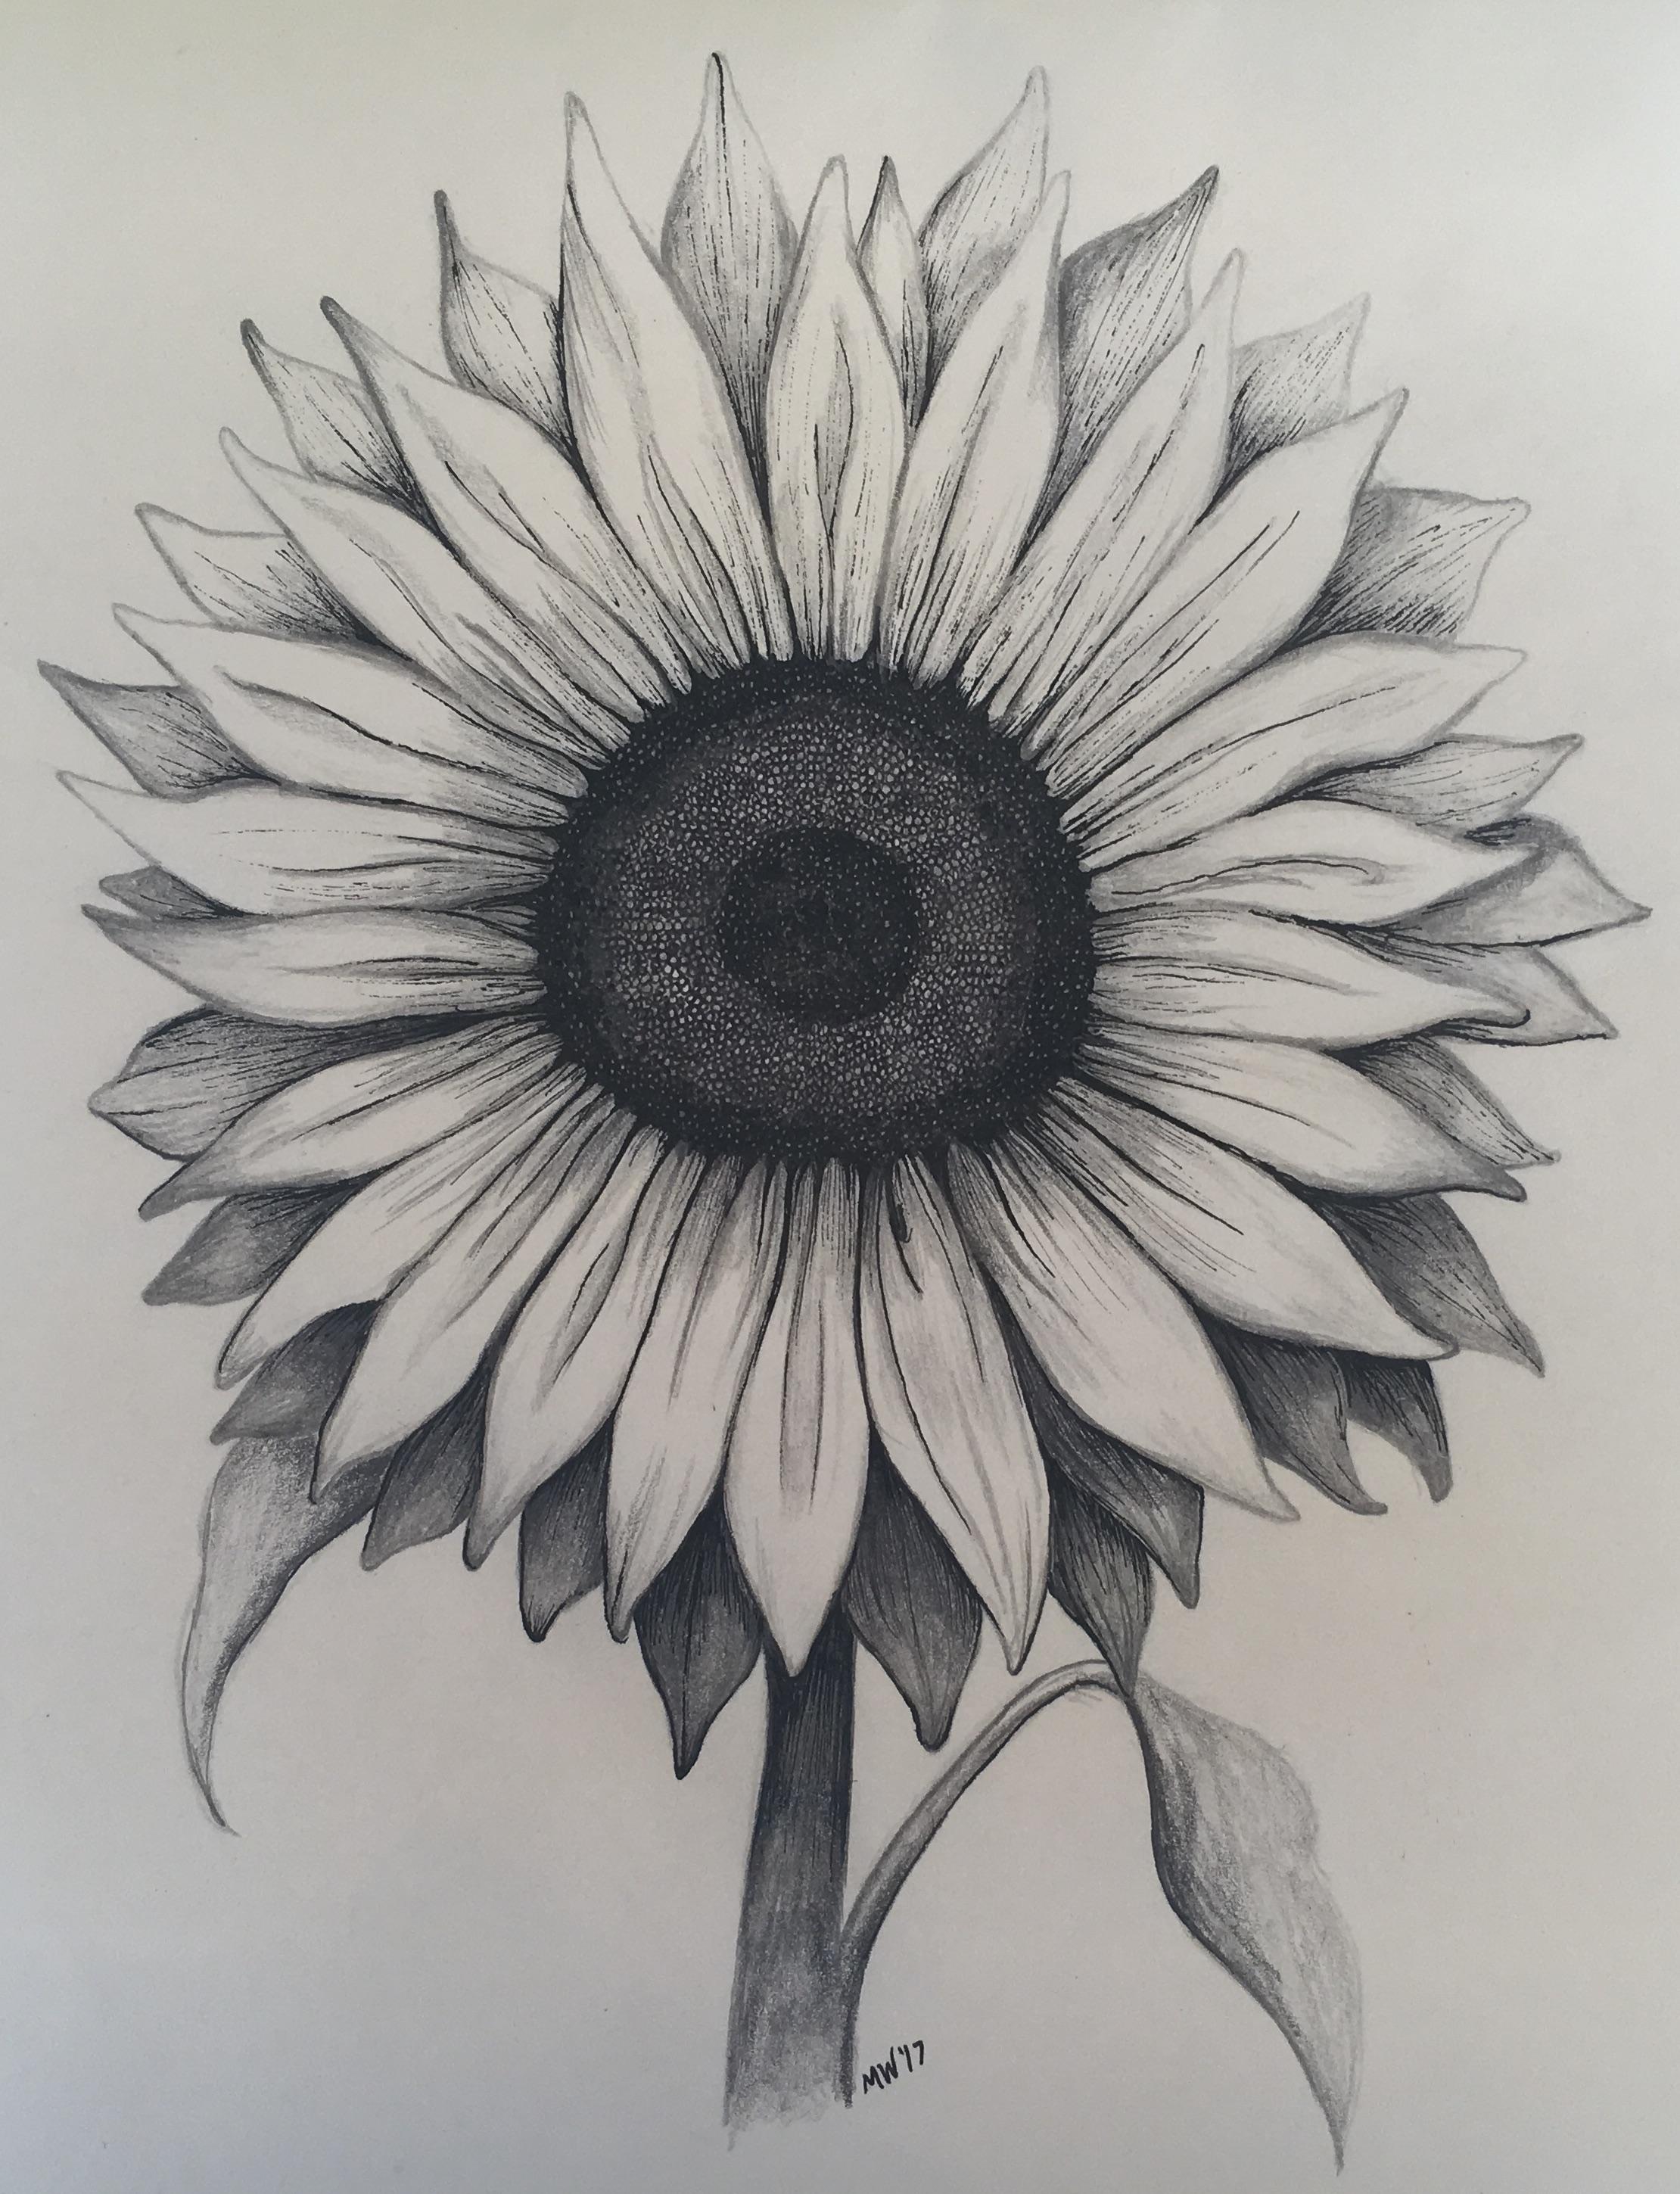 sunflower_art.JPG